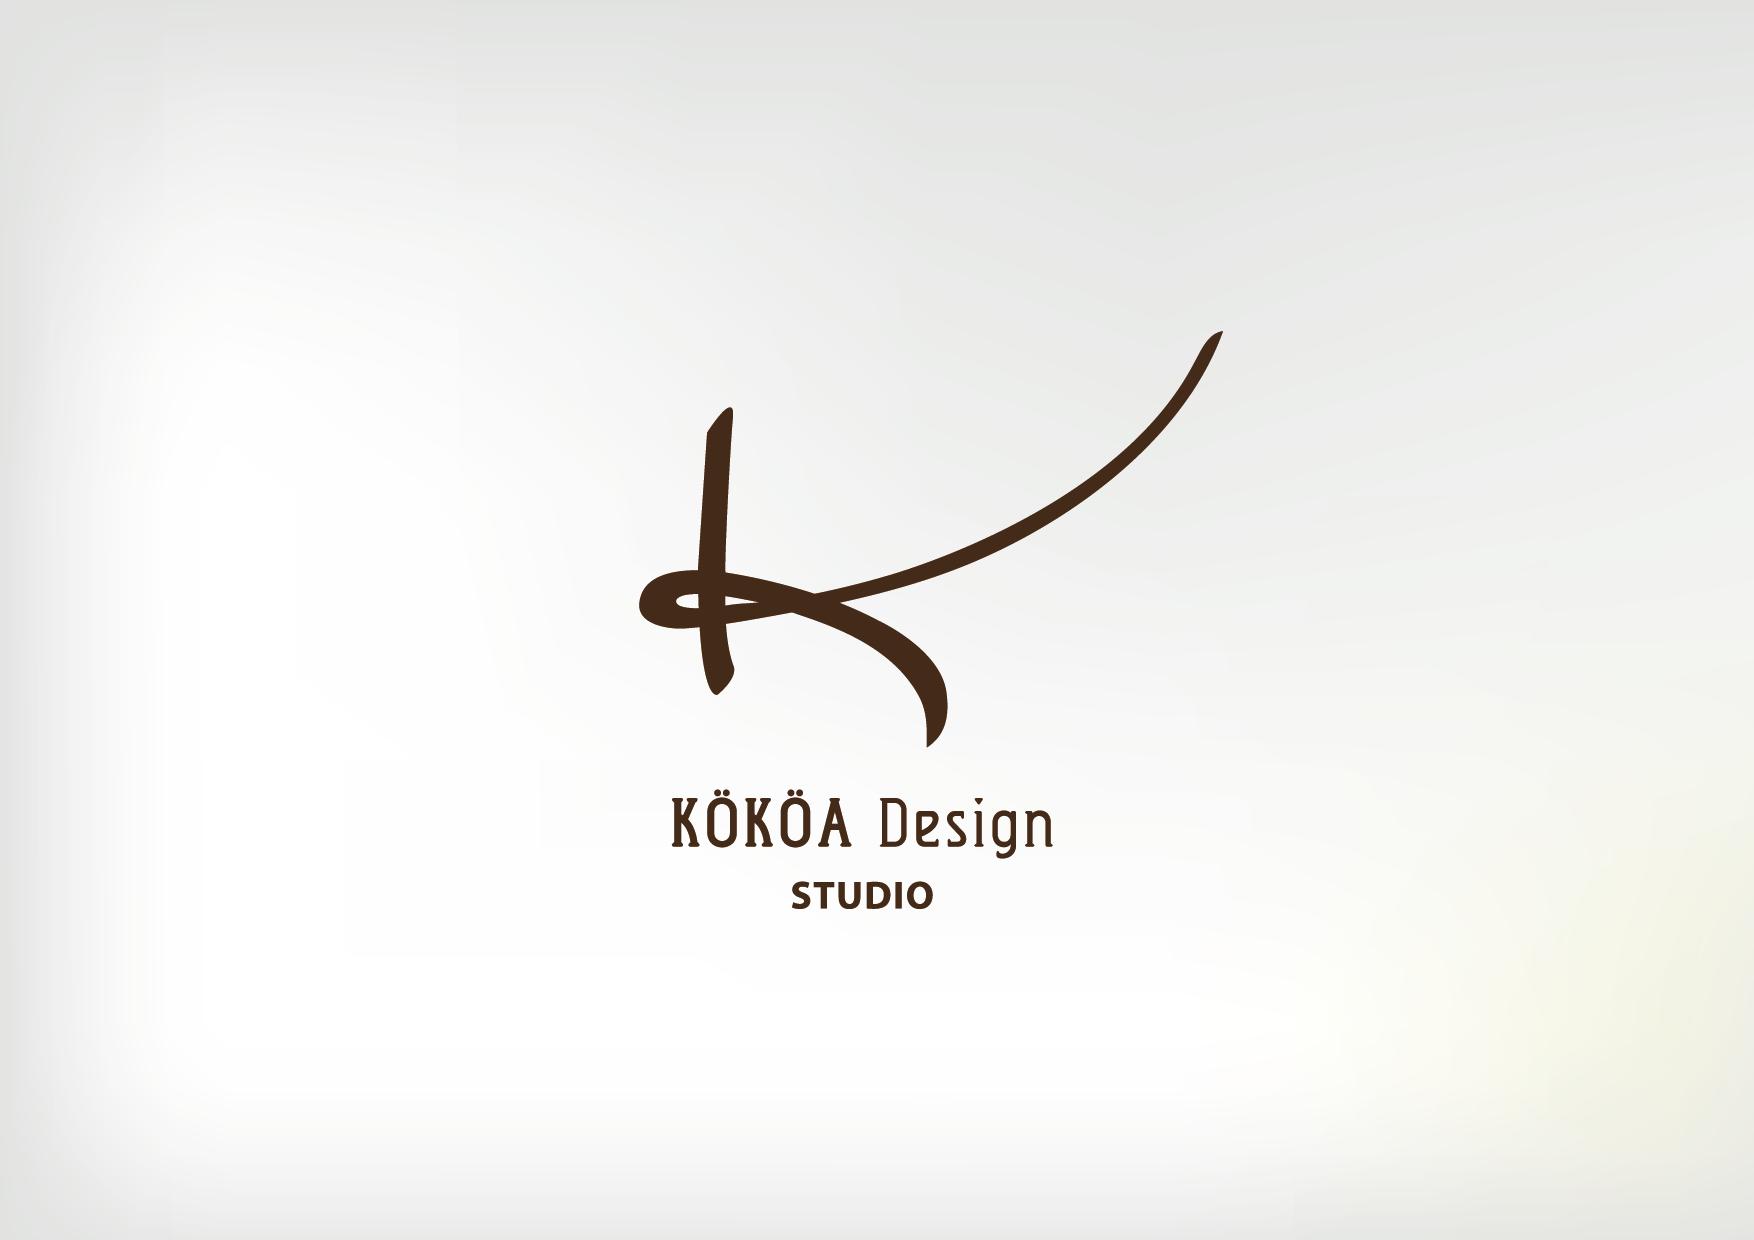 kokoa_logo-01.png